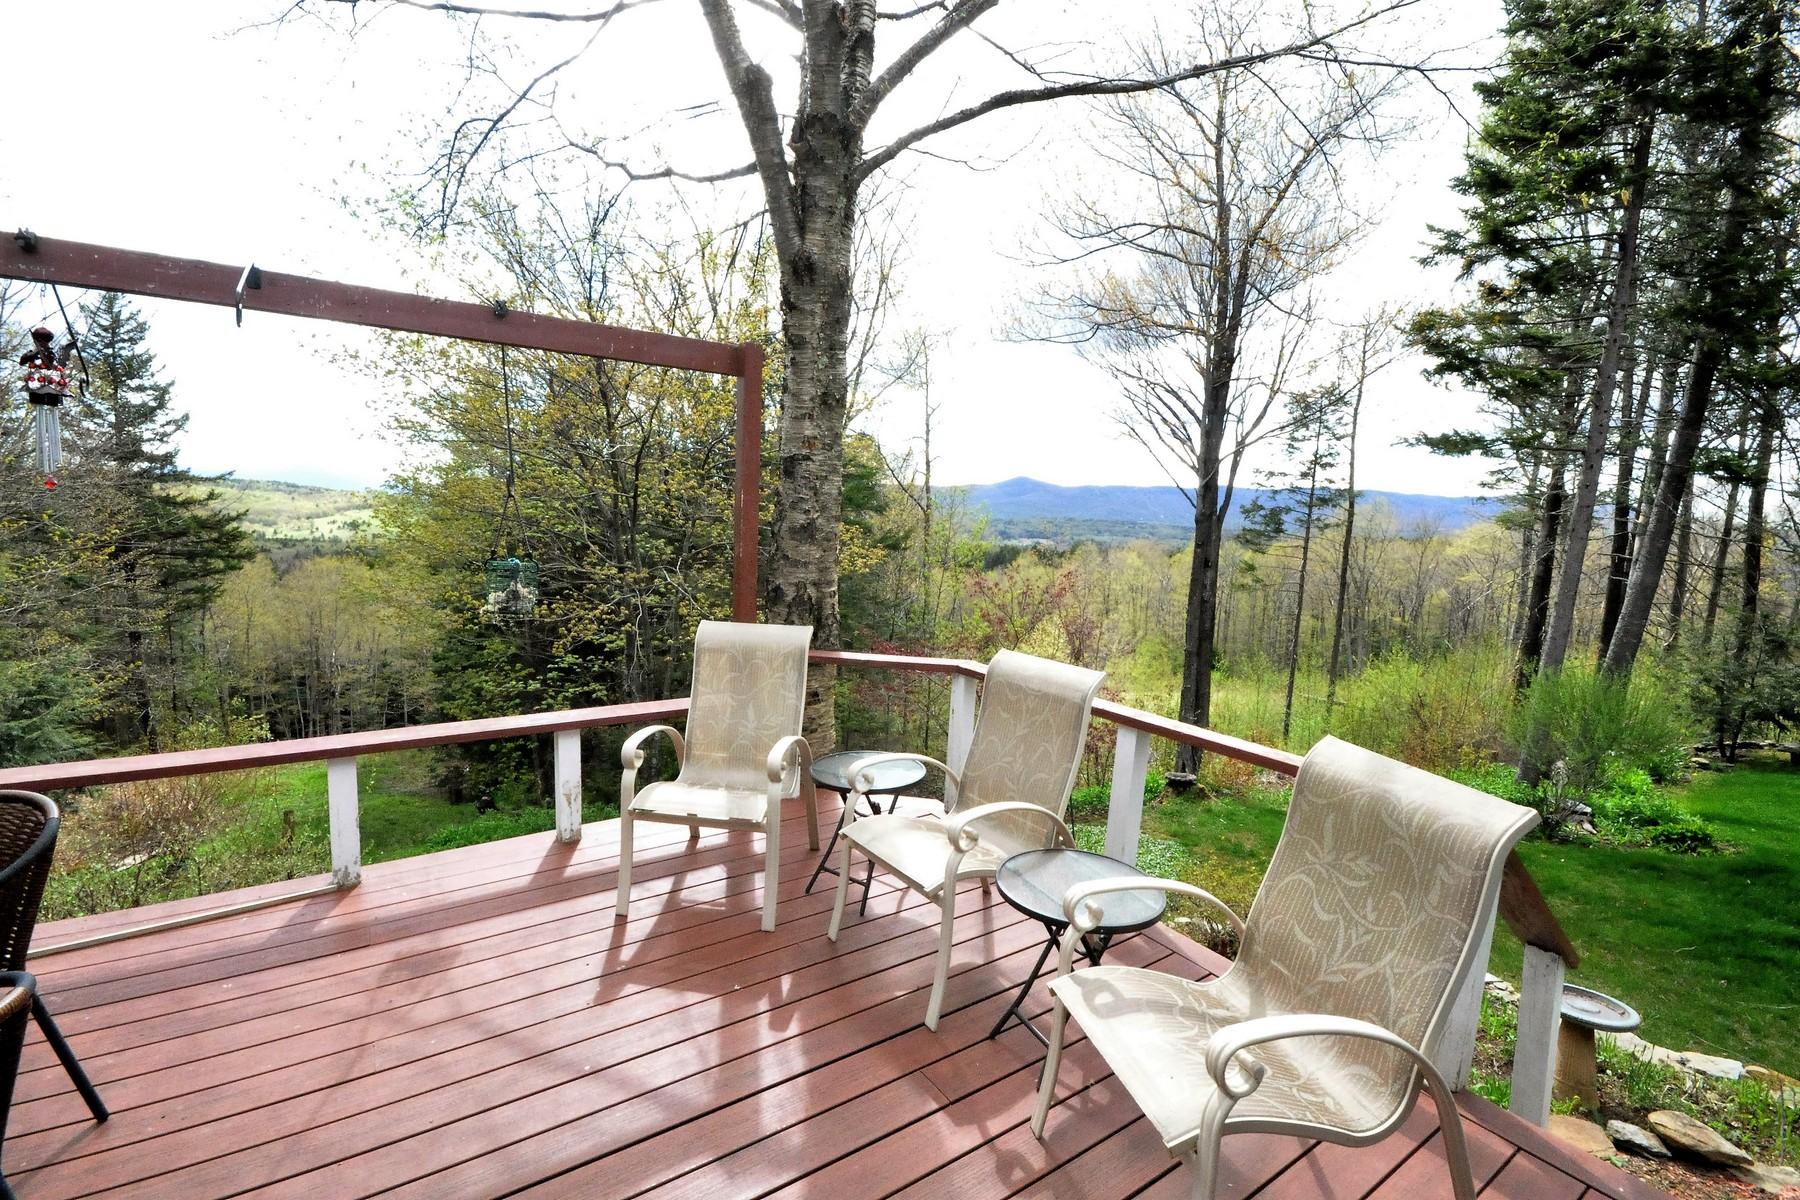 獨棟家庭住宅 為 出售 在 Views, Views, Views! 185 Old Town Rd Wilmington, 佛蒙特州, 05363 美國